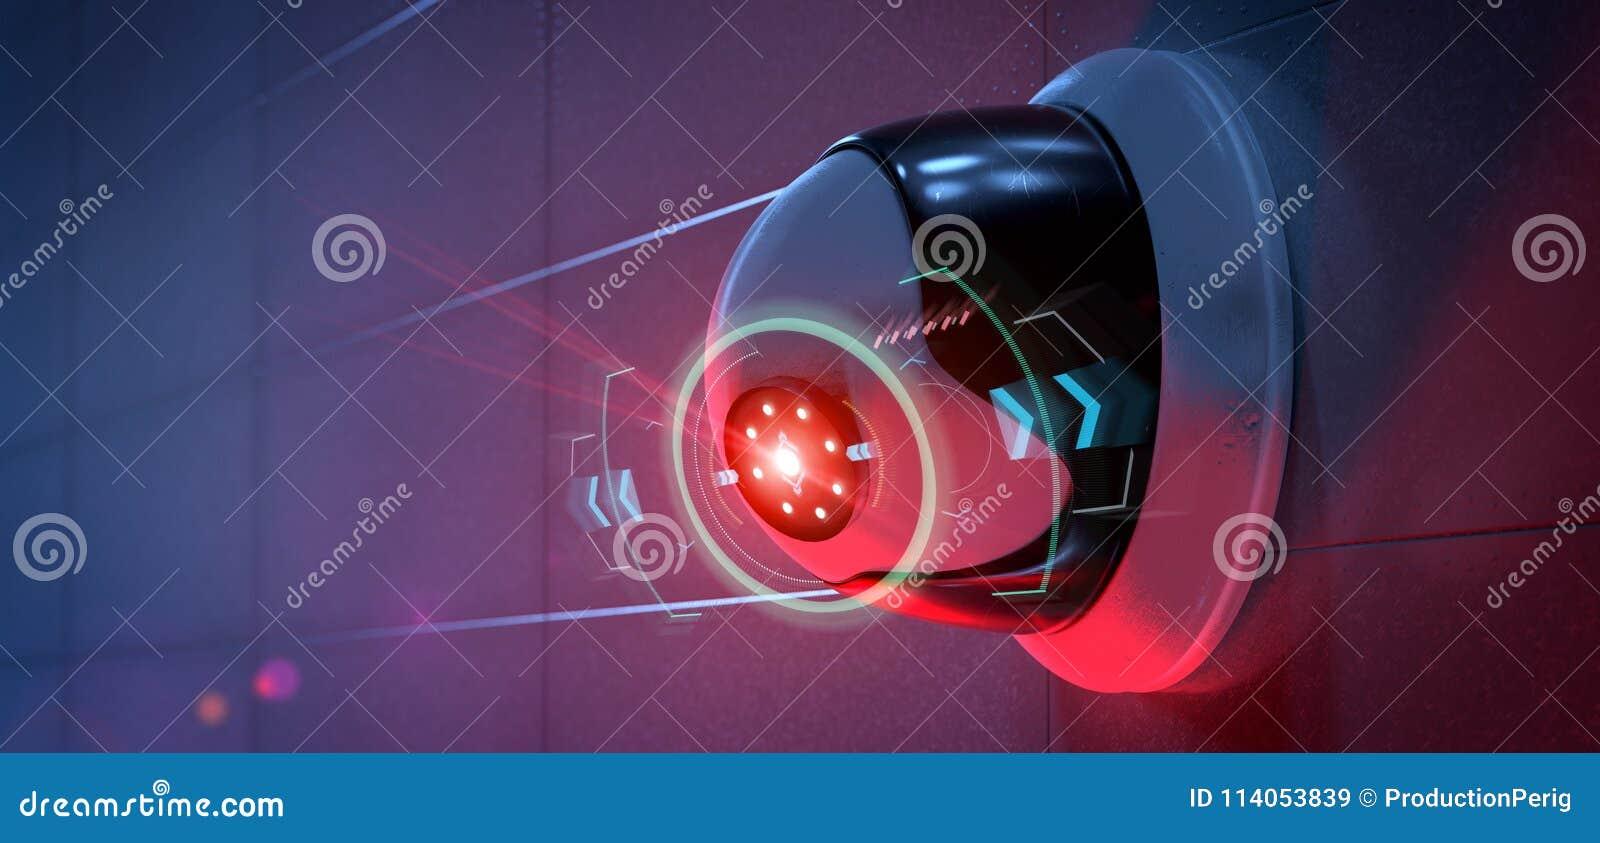 Säkerhetskamera som uppsätta som mål en avkänd inhopp - renderinga 3d